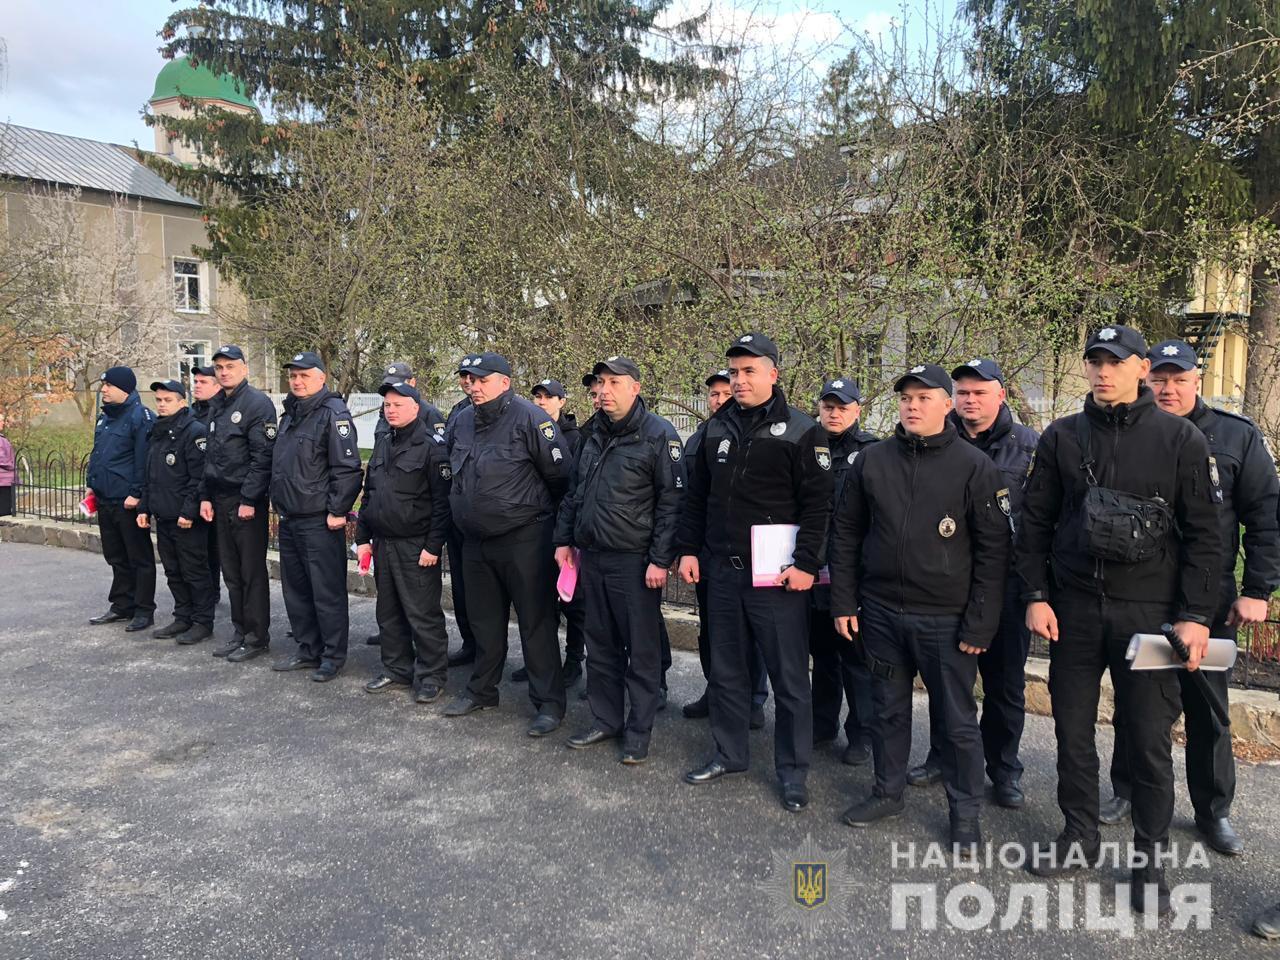 Поліція цілодобово охоронятиме окружні комісії - правоохоронні органи, окружна виборча комісія №96, Нацполіція, Вибори президента України 2019 - vybor1